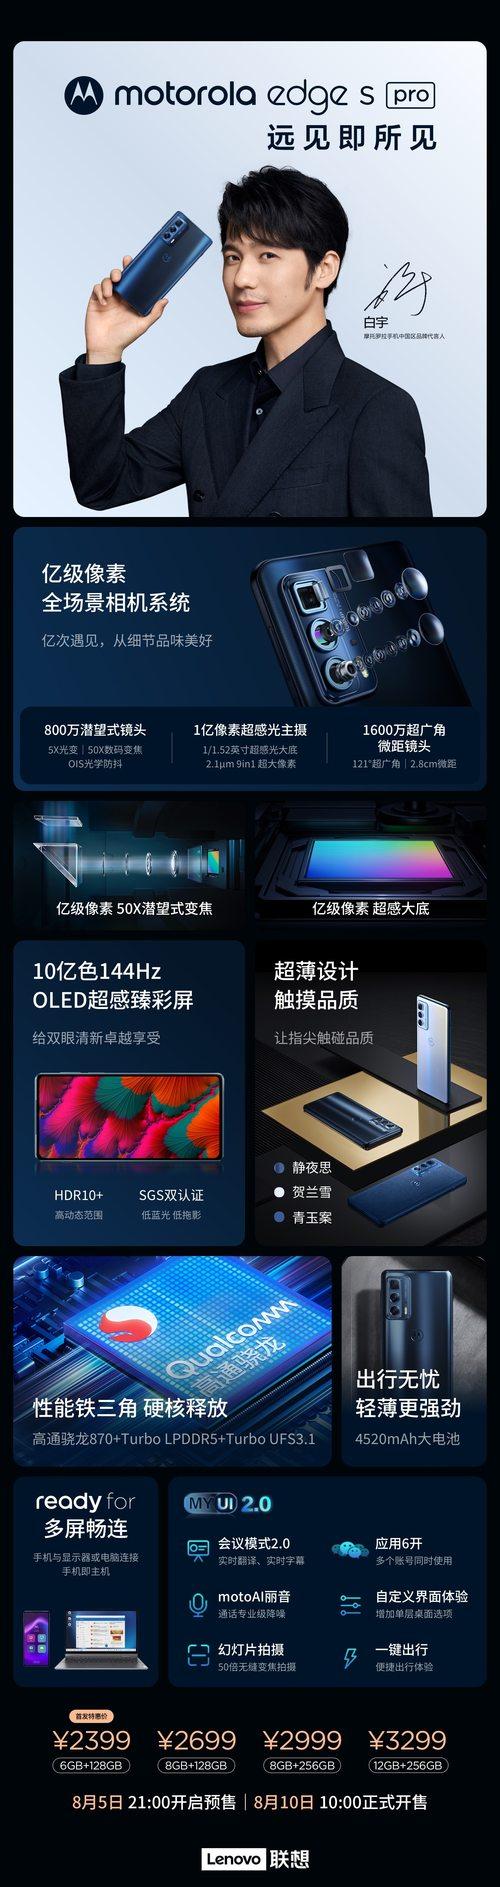 摩托罗拉edge s pro发布:骁龙870+5倍潜望,2399元起